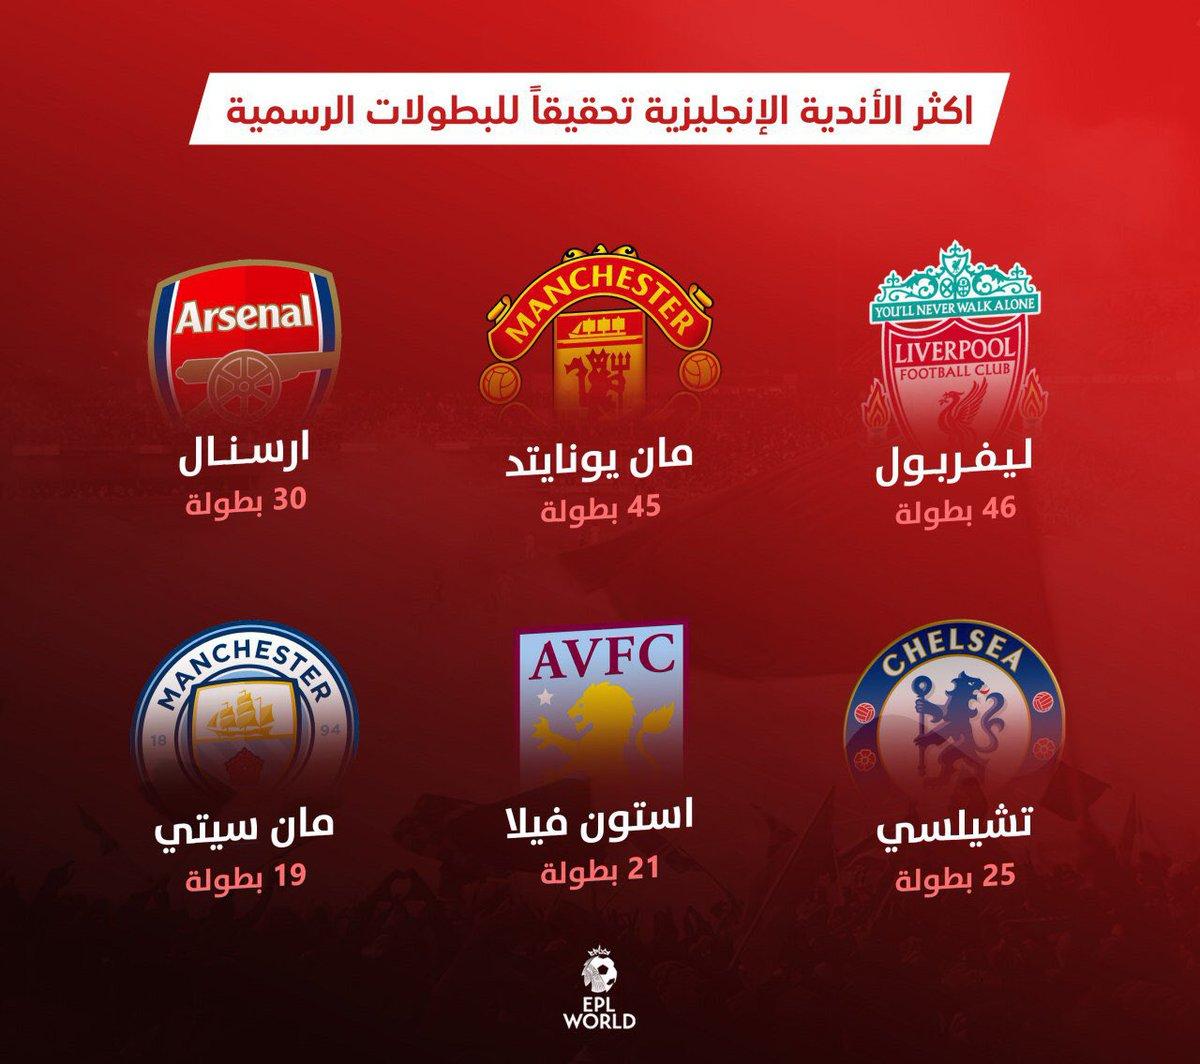 E P L W O R L D On Twitter رسميا ليفربول يتفوق على مانشستر يونايتد بعدد البطولات الرسمية بعده فوزه في كأس السوبر الاوروبي